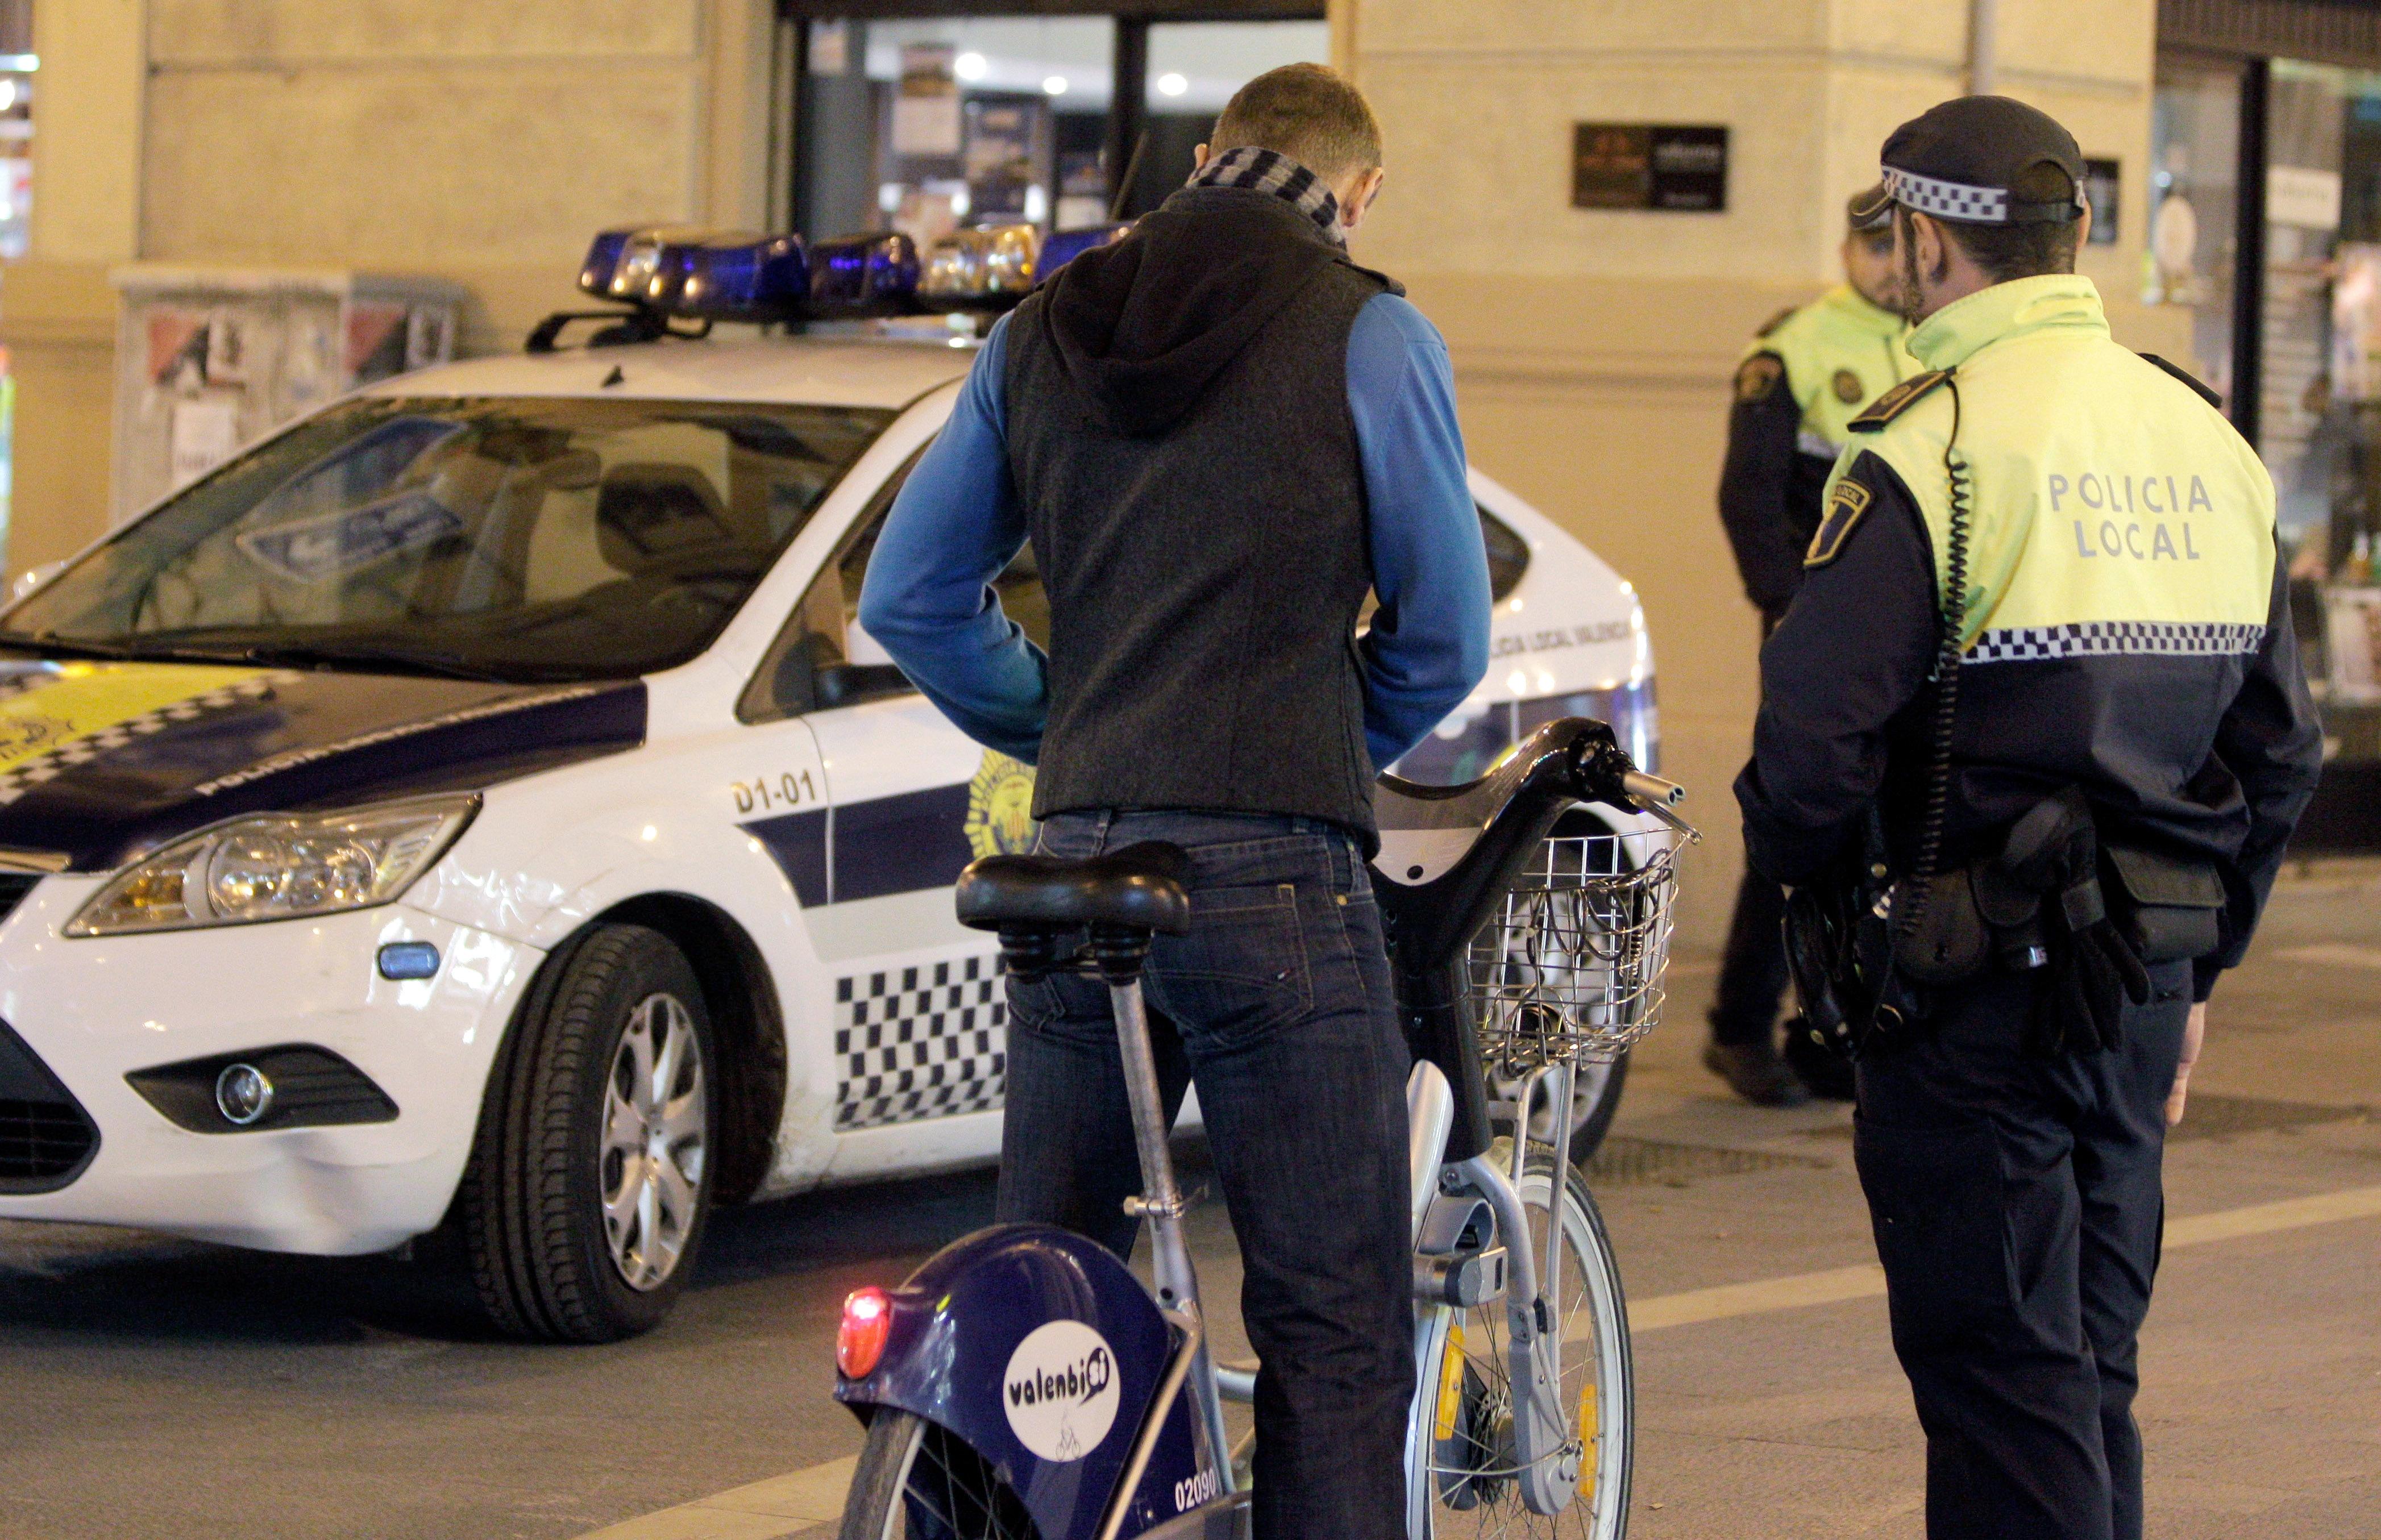 La Policía española identifica cuatro veces más a los ciudadanos que no son blancos